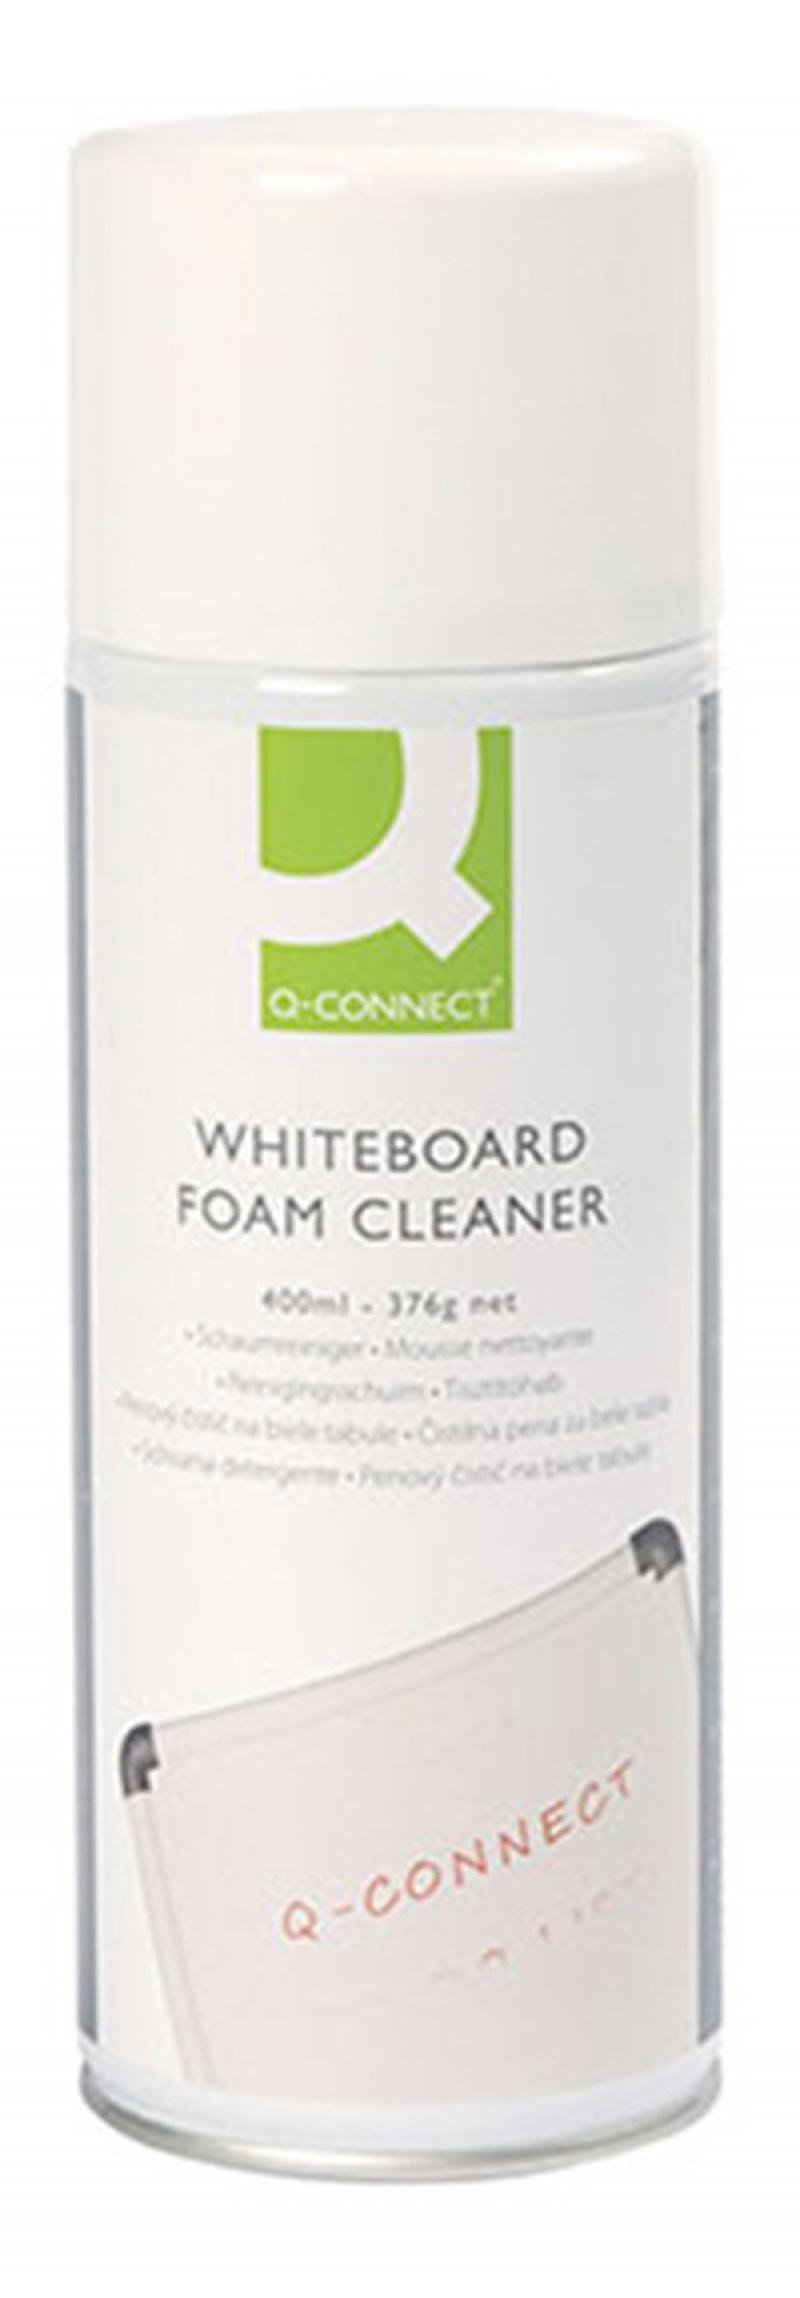 Pianka do plastiku i tablic Q-CONNECT, 400ml, Środki czyszczące, Akcesoria komputerowe